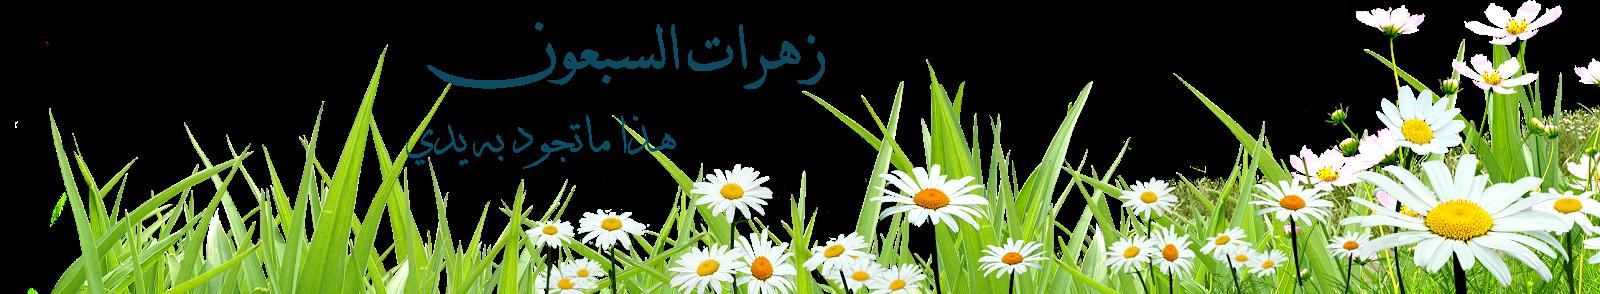 زهرات السبعون